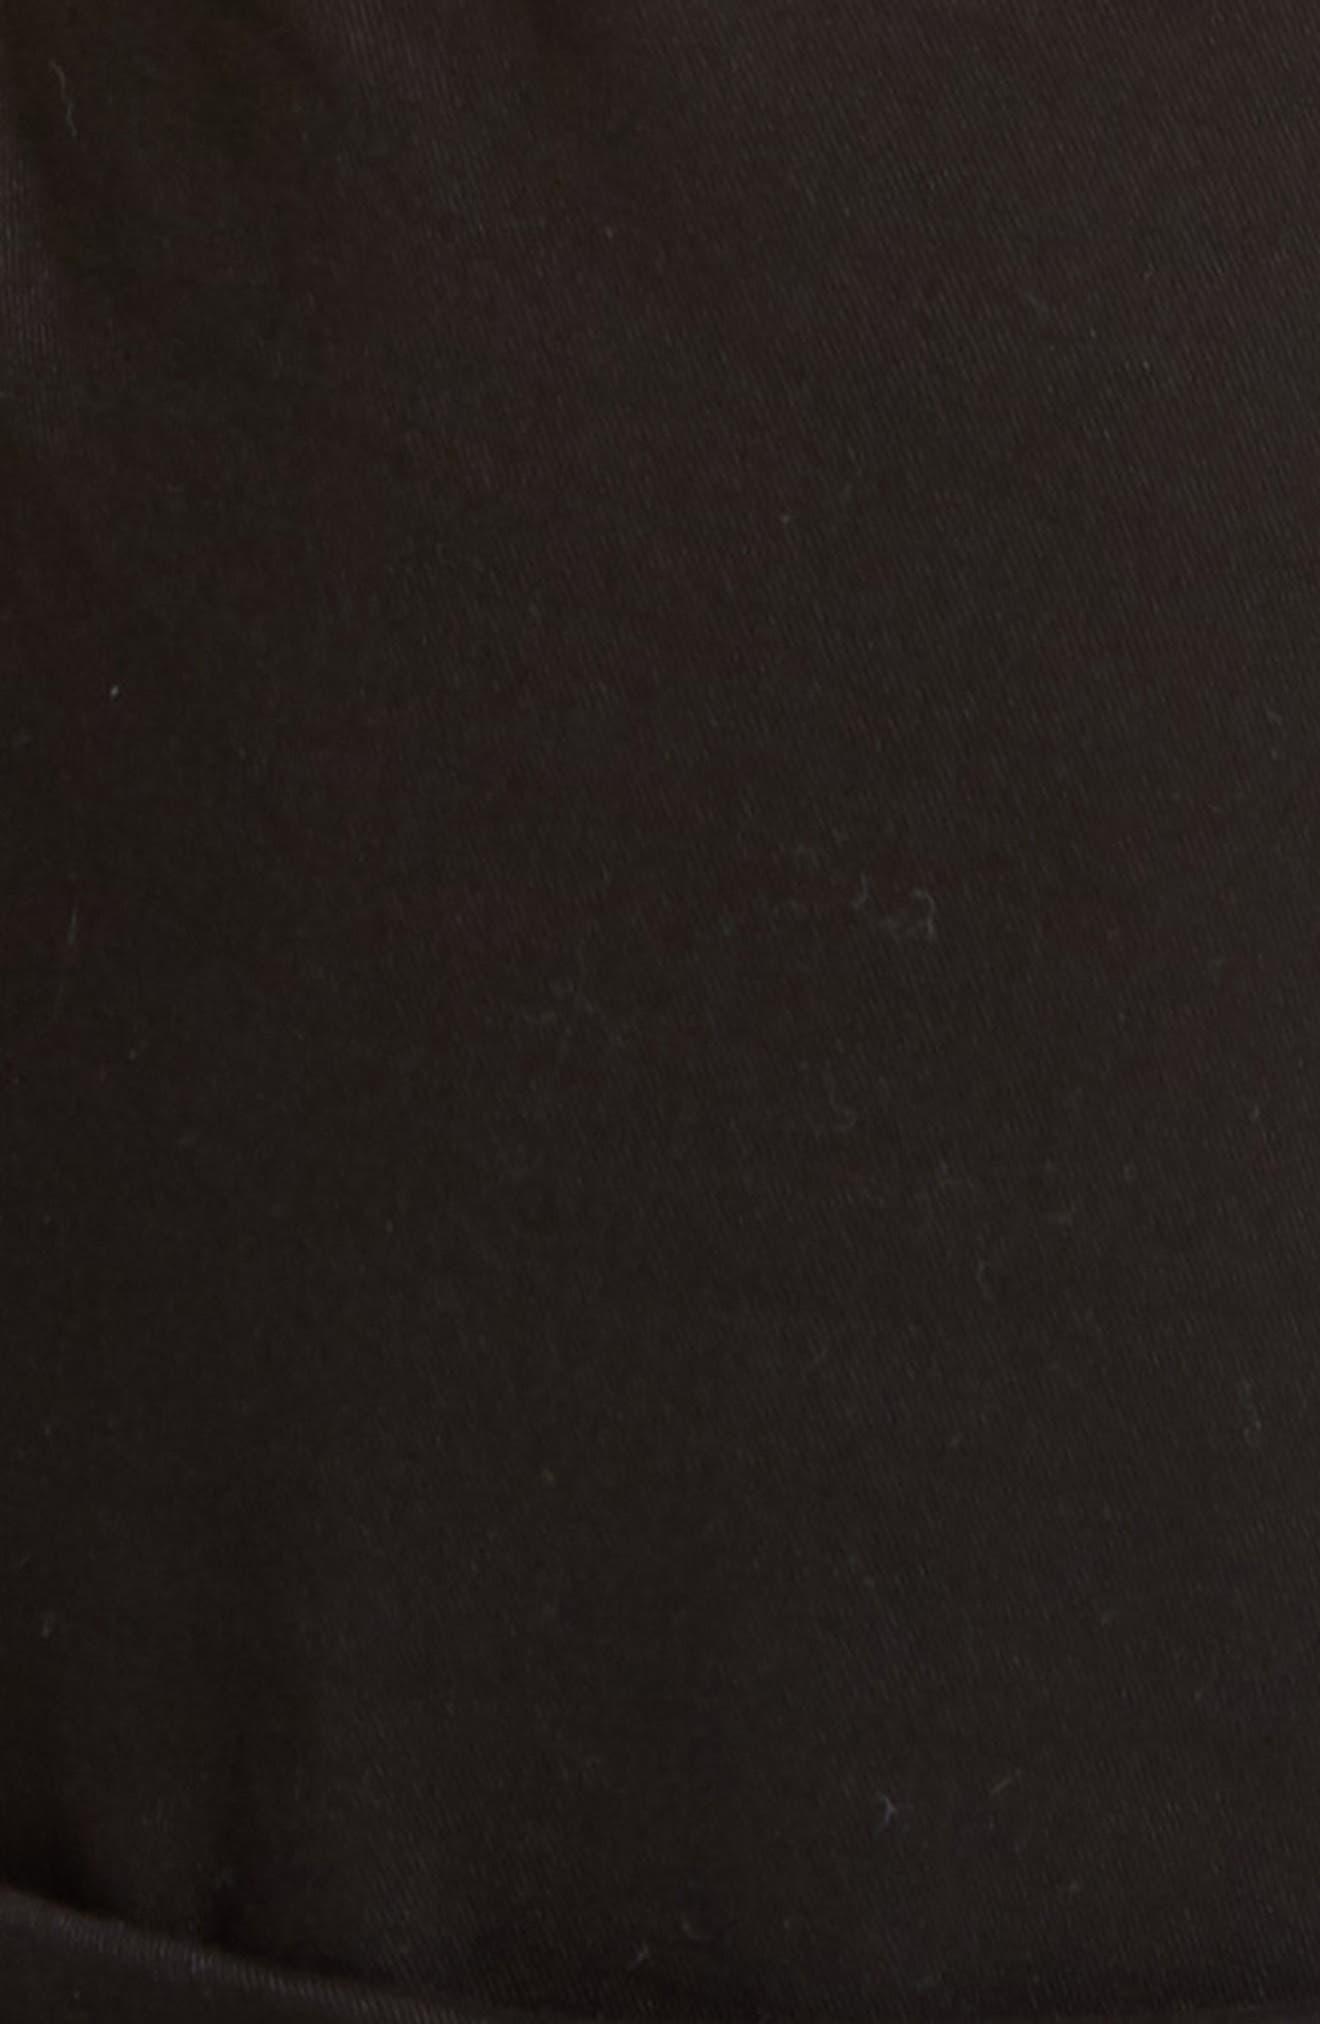 Le Sabre Slim Fit Jeans,                             Alternate thumbnail 5, color,                             BLACK